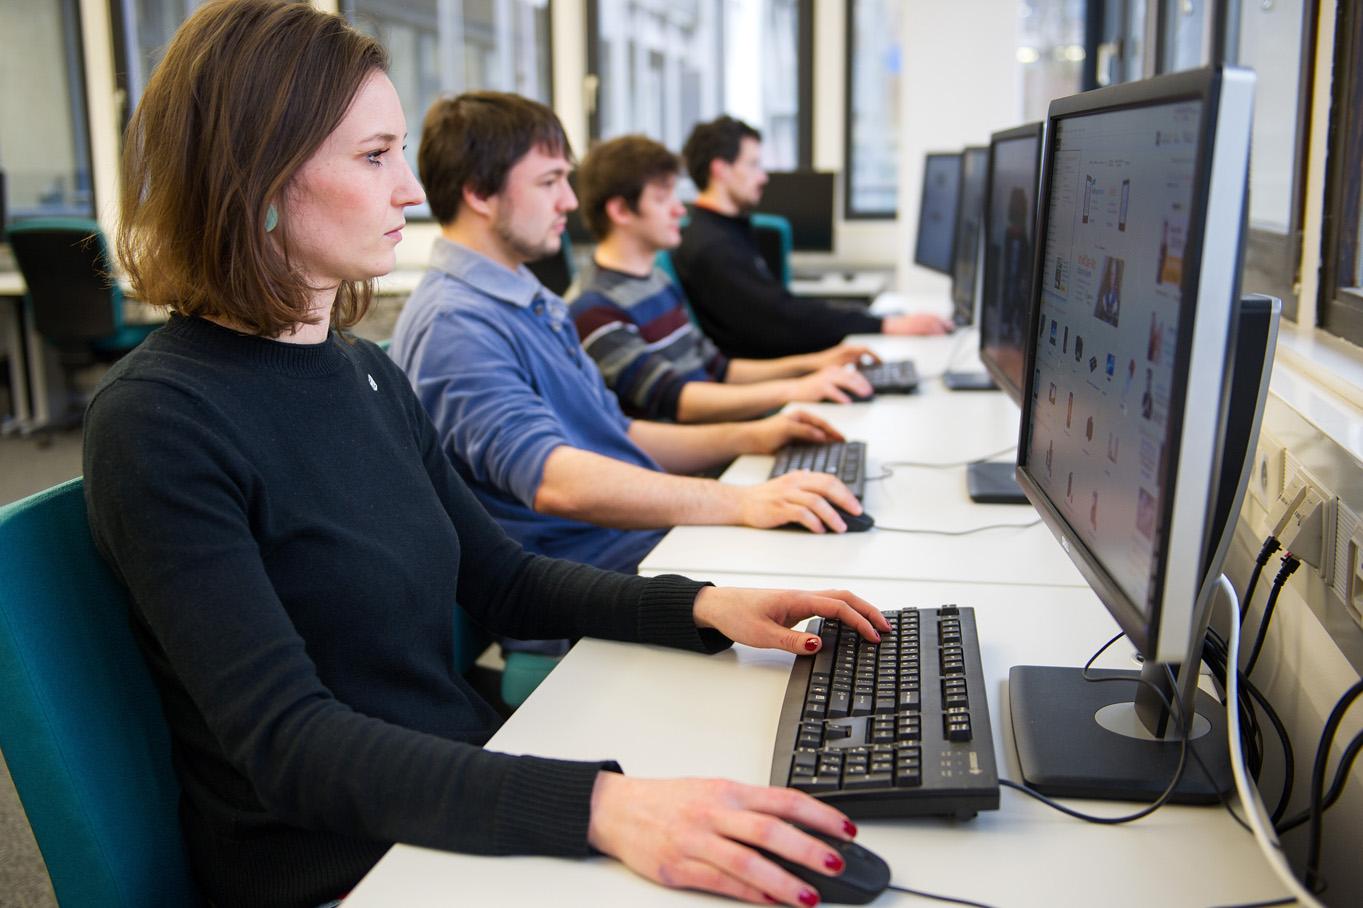 Menschen sitzen vor Computerbildschirmen. Foto: Oliver Dietze -- Veroeffentlichung nur nach vorheriger Honorar-Vereinbarung und mit Namensnennung. Oliver Dietze // +49-(0)177-9761996 // post@oliverdietze.de // USt-ID DE262797891